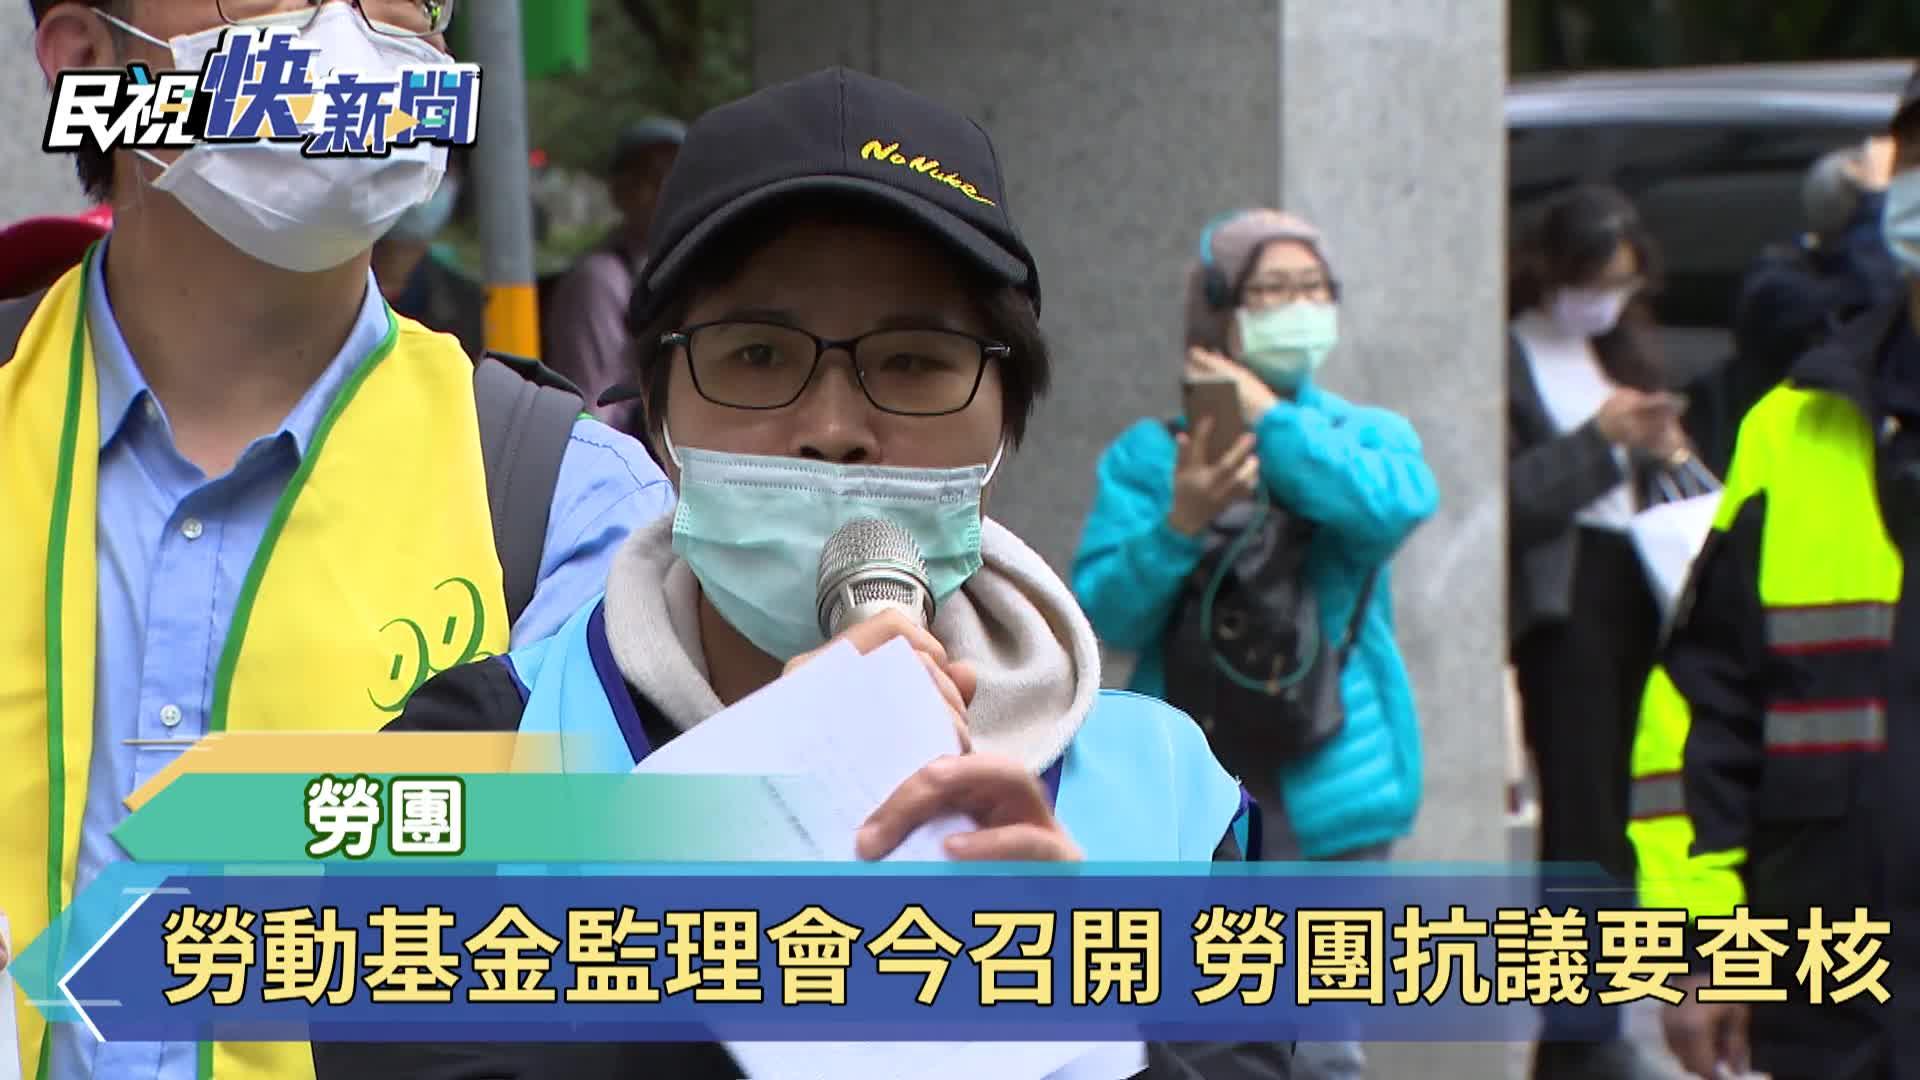 勞動基金監理會今召開 勞團抗議要查核